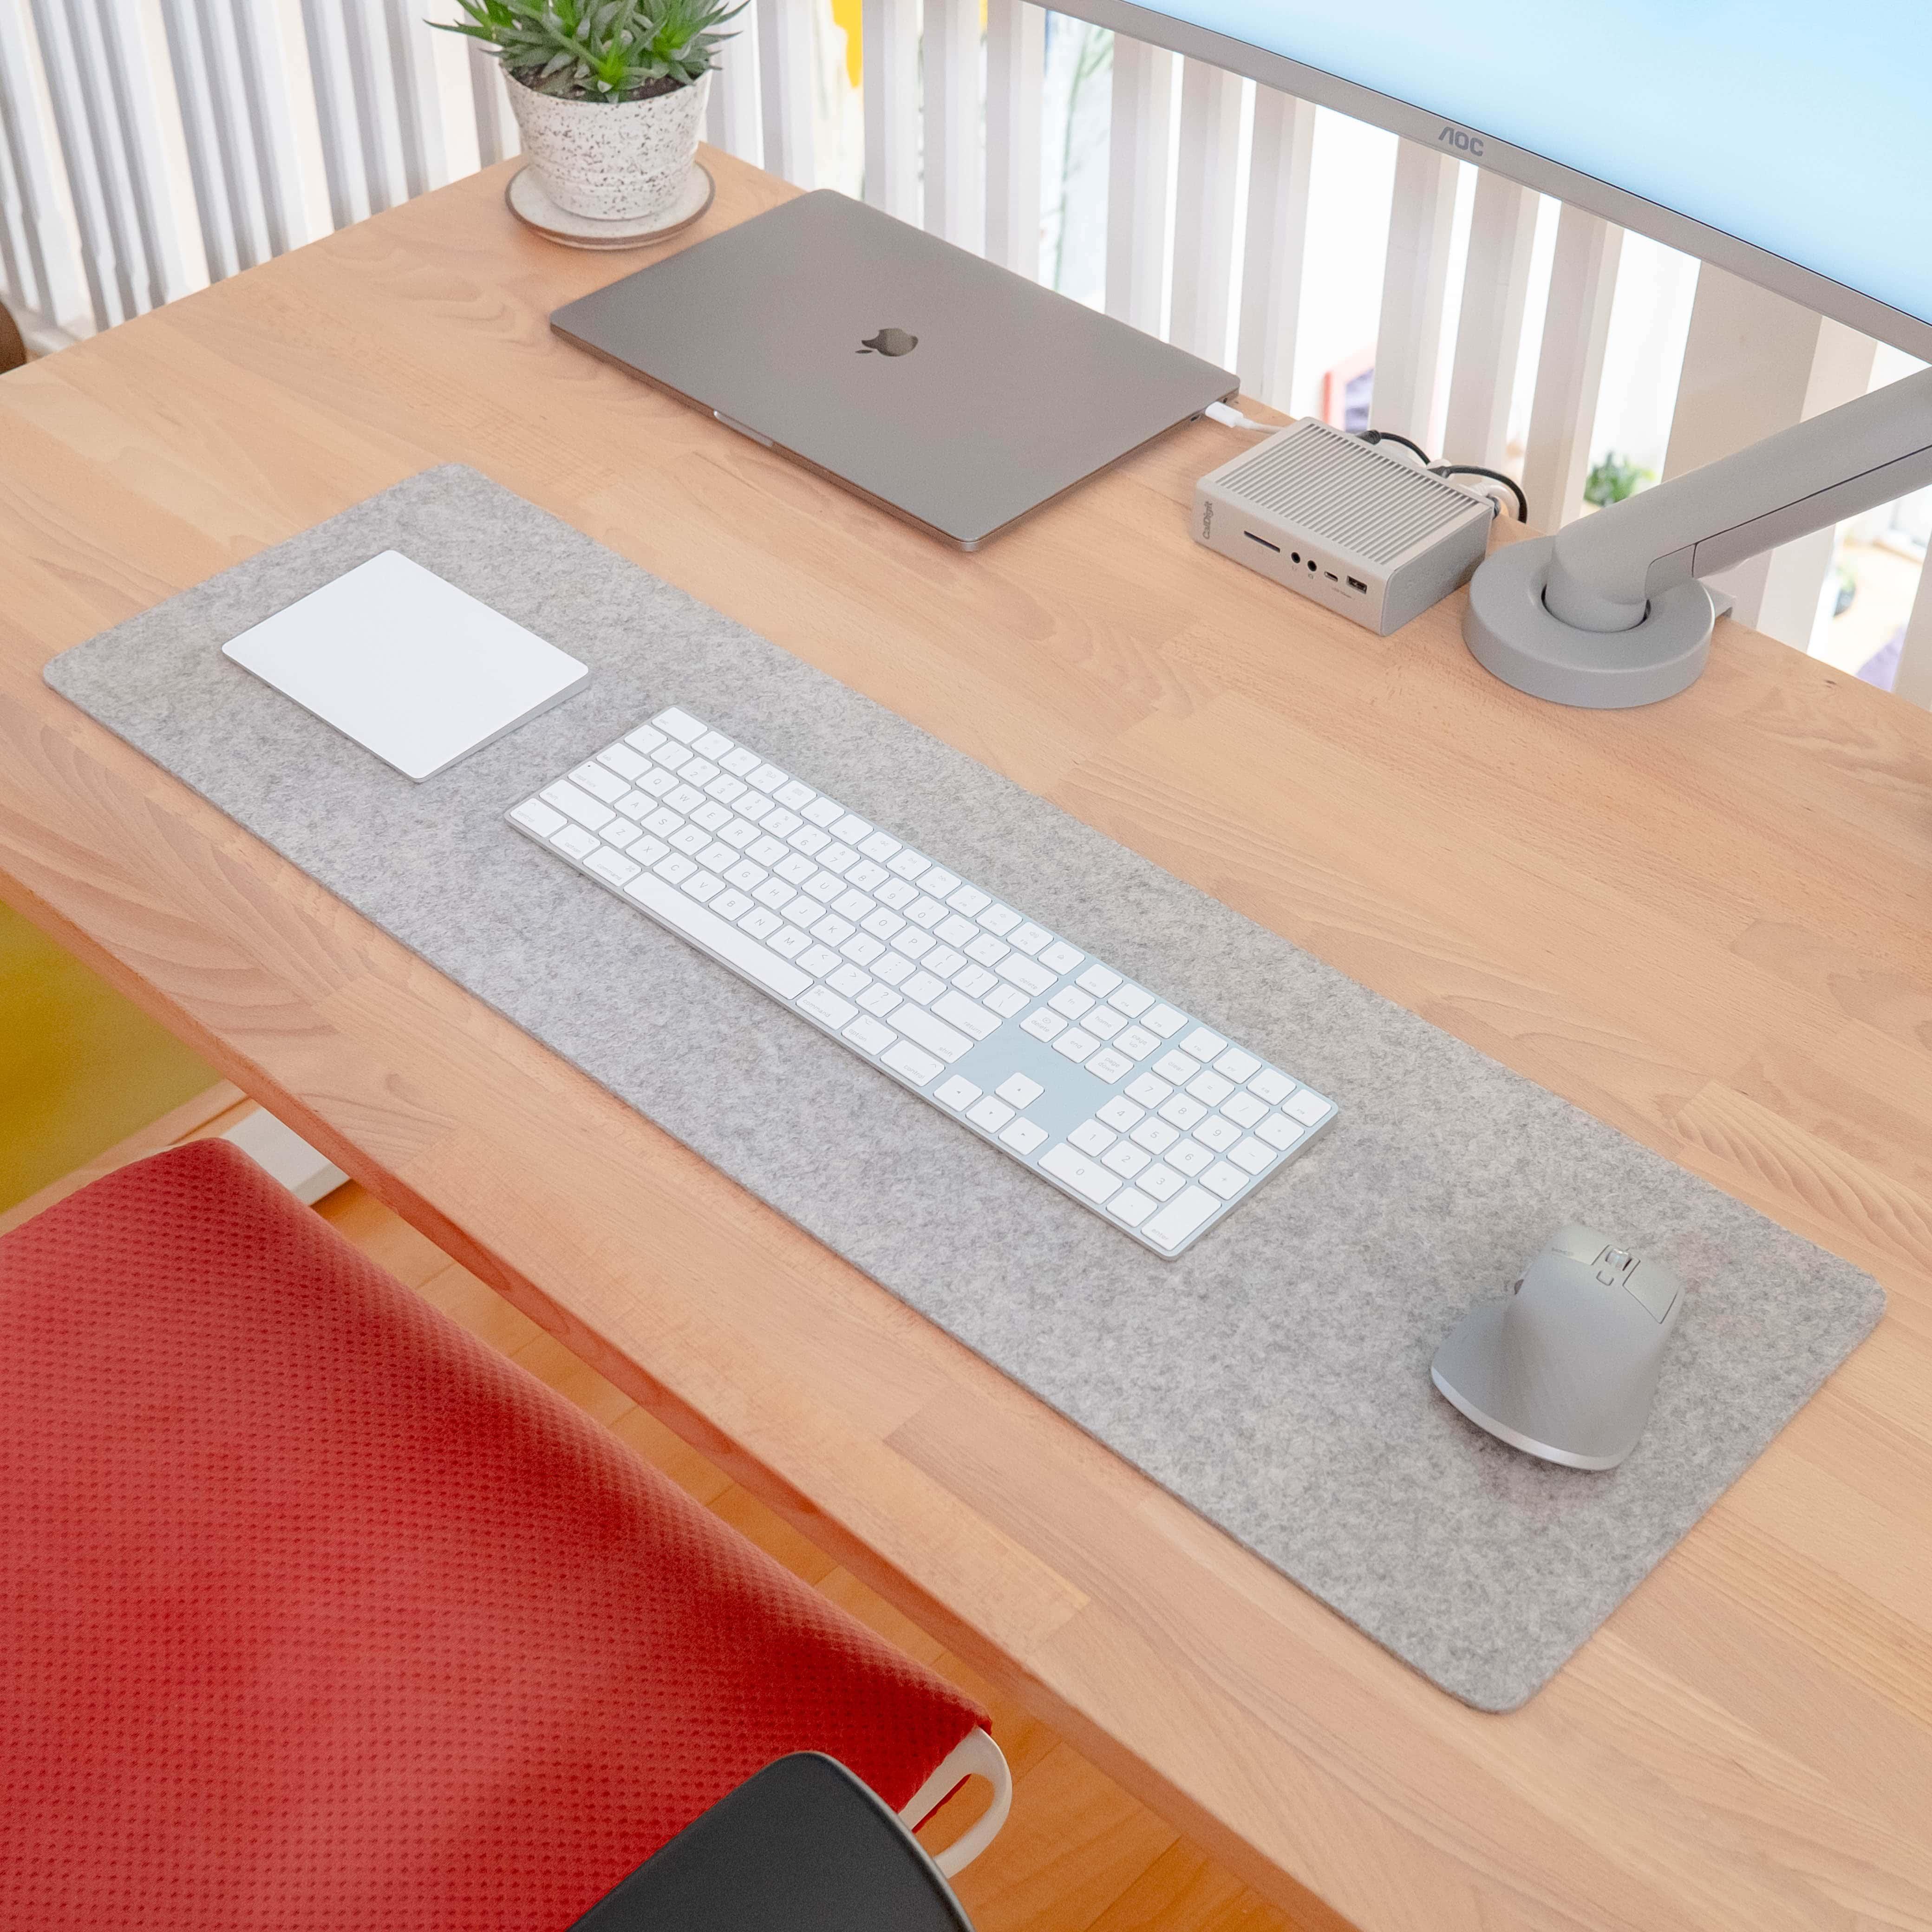 Venkatesan's homemade felt mat brings order and stability.